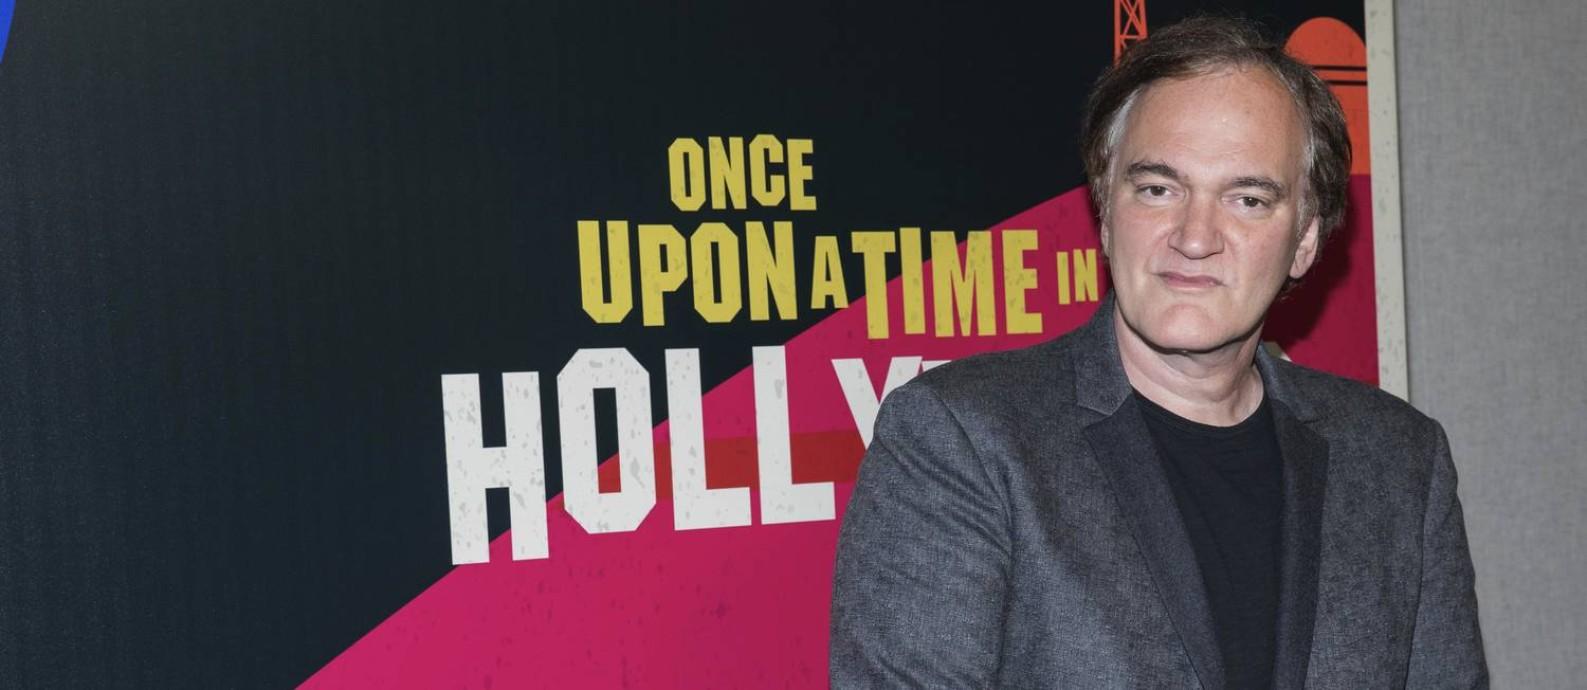 Quentin Tarantino no CinemaCon em Las Vegas Foto: Eric Jamison / Eric Jamison/Invision/AP